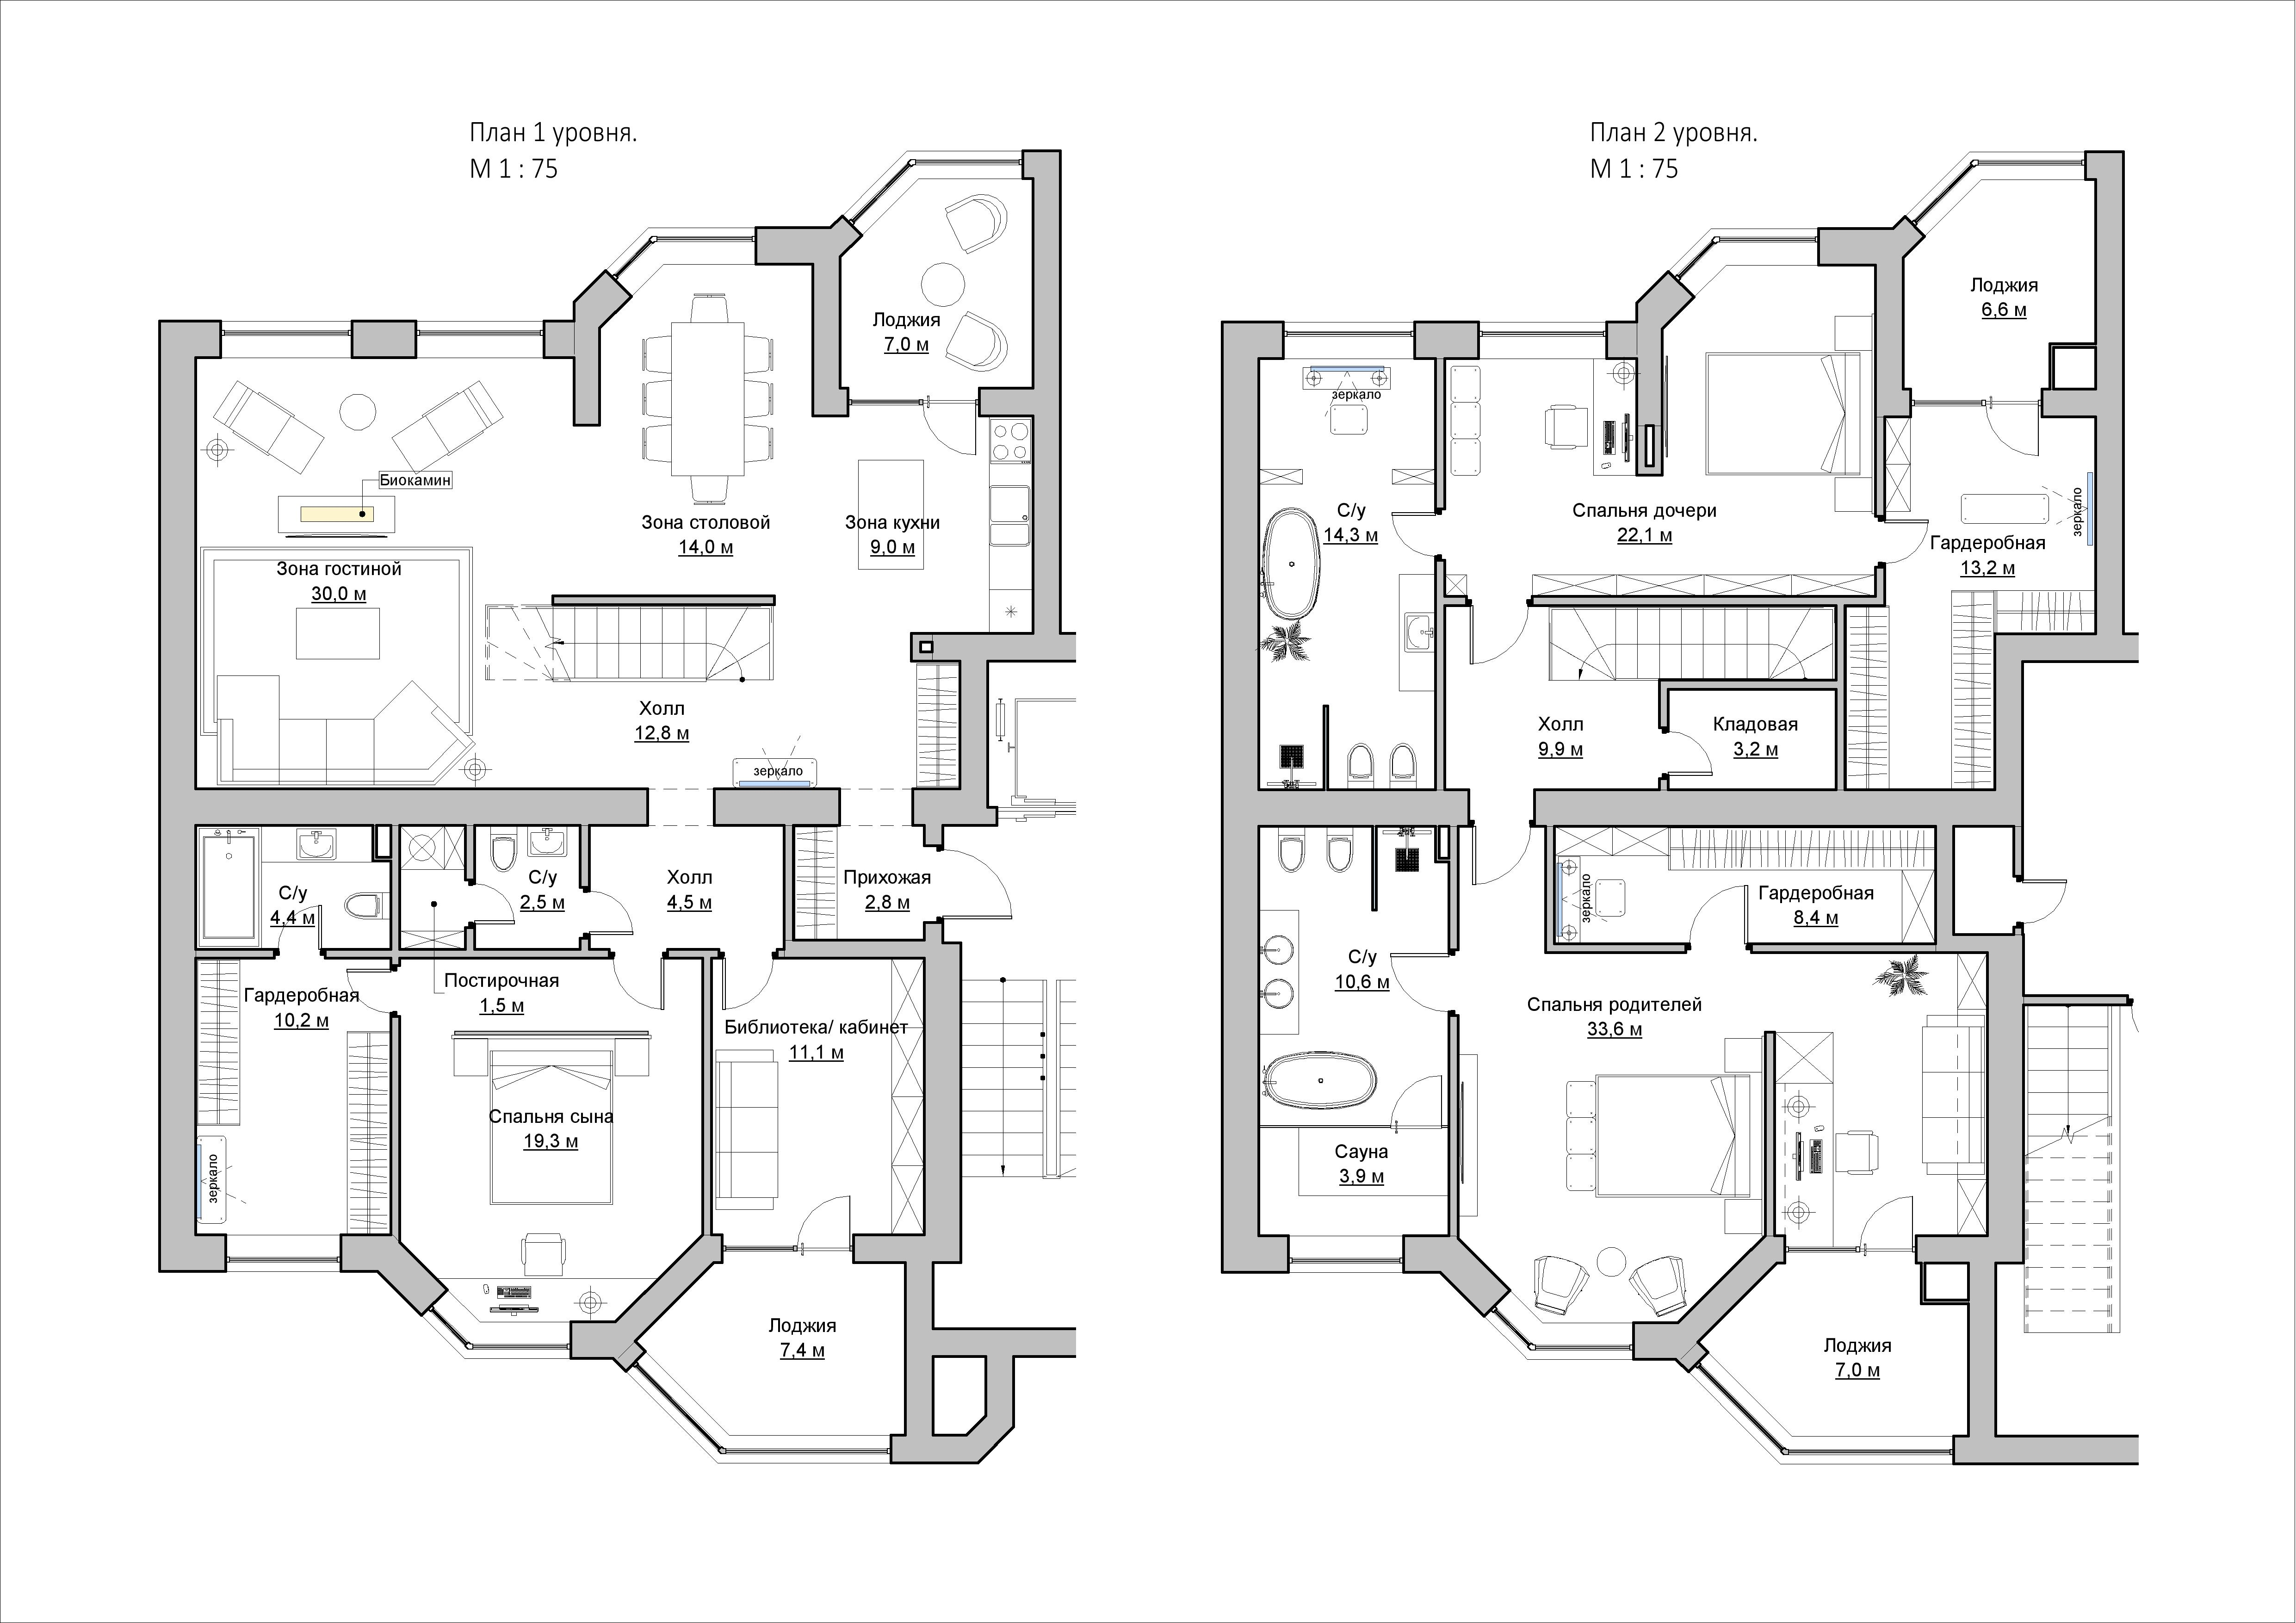 Объединение + планировка квартиры (~260 кв.м.) фото f_5415a57bf874a6c3.jpg